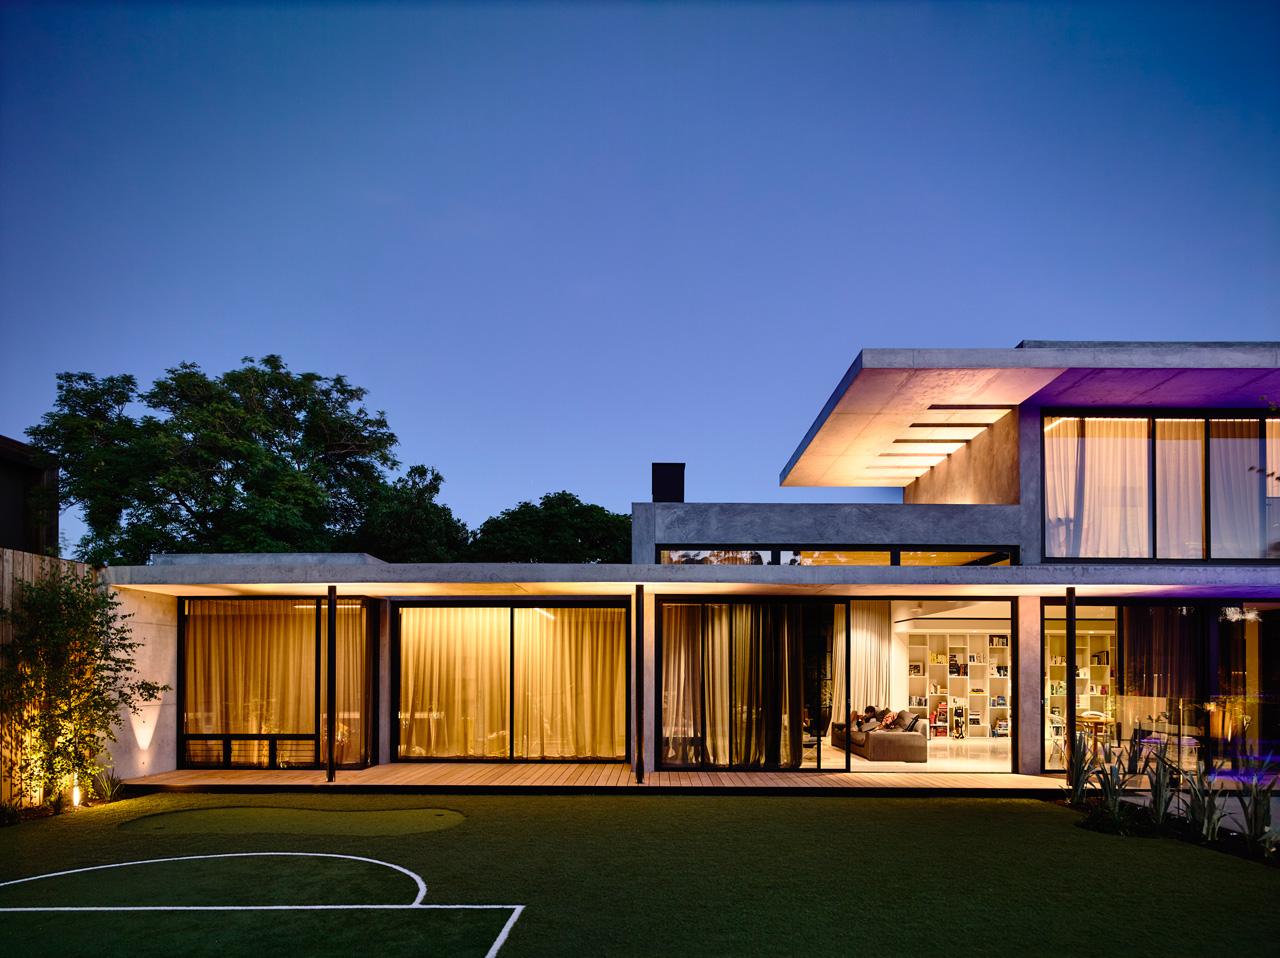 Stunning Modern Home with Unique Details - Design Milk